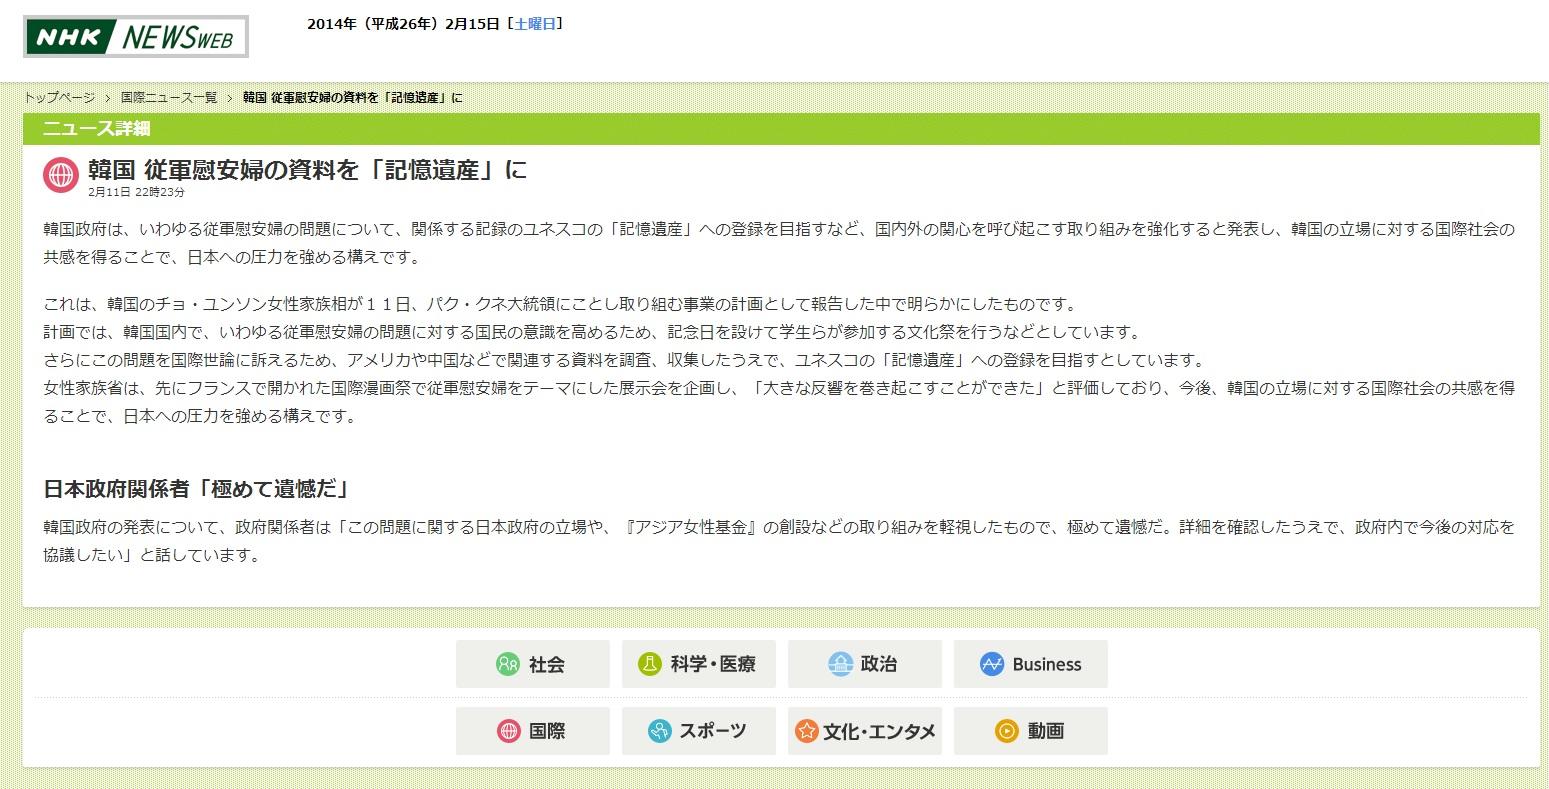 NHKは英語版で嘘を追加した人物を公表せよ_d0044584_9254765.jpg